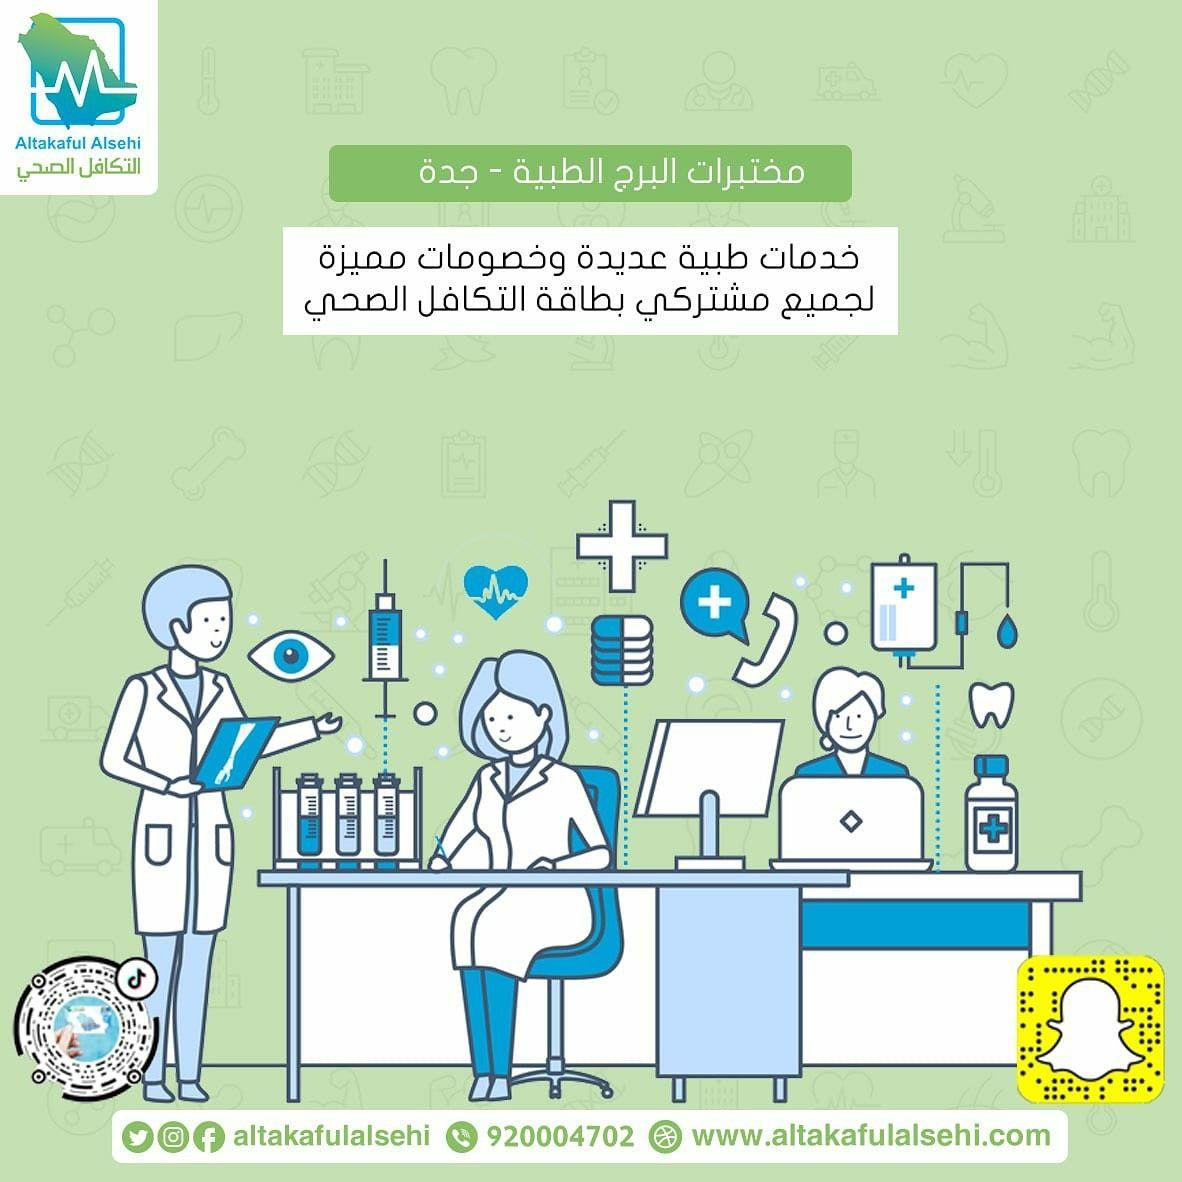 مختبرات البرج الطبية في جدة تقدم لكم أفضل التحاليل وأدقها بخصومات على بطاقة التكافل الصحي لجميع الخدمات المختبرية لا Health Insurance Health Map Screenshot